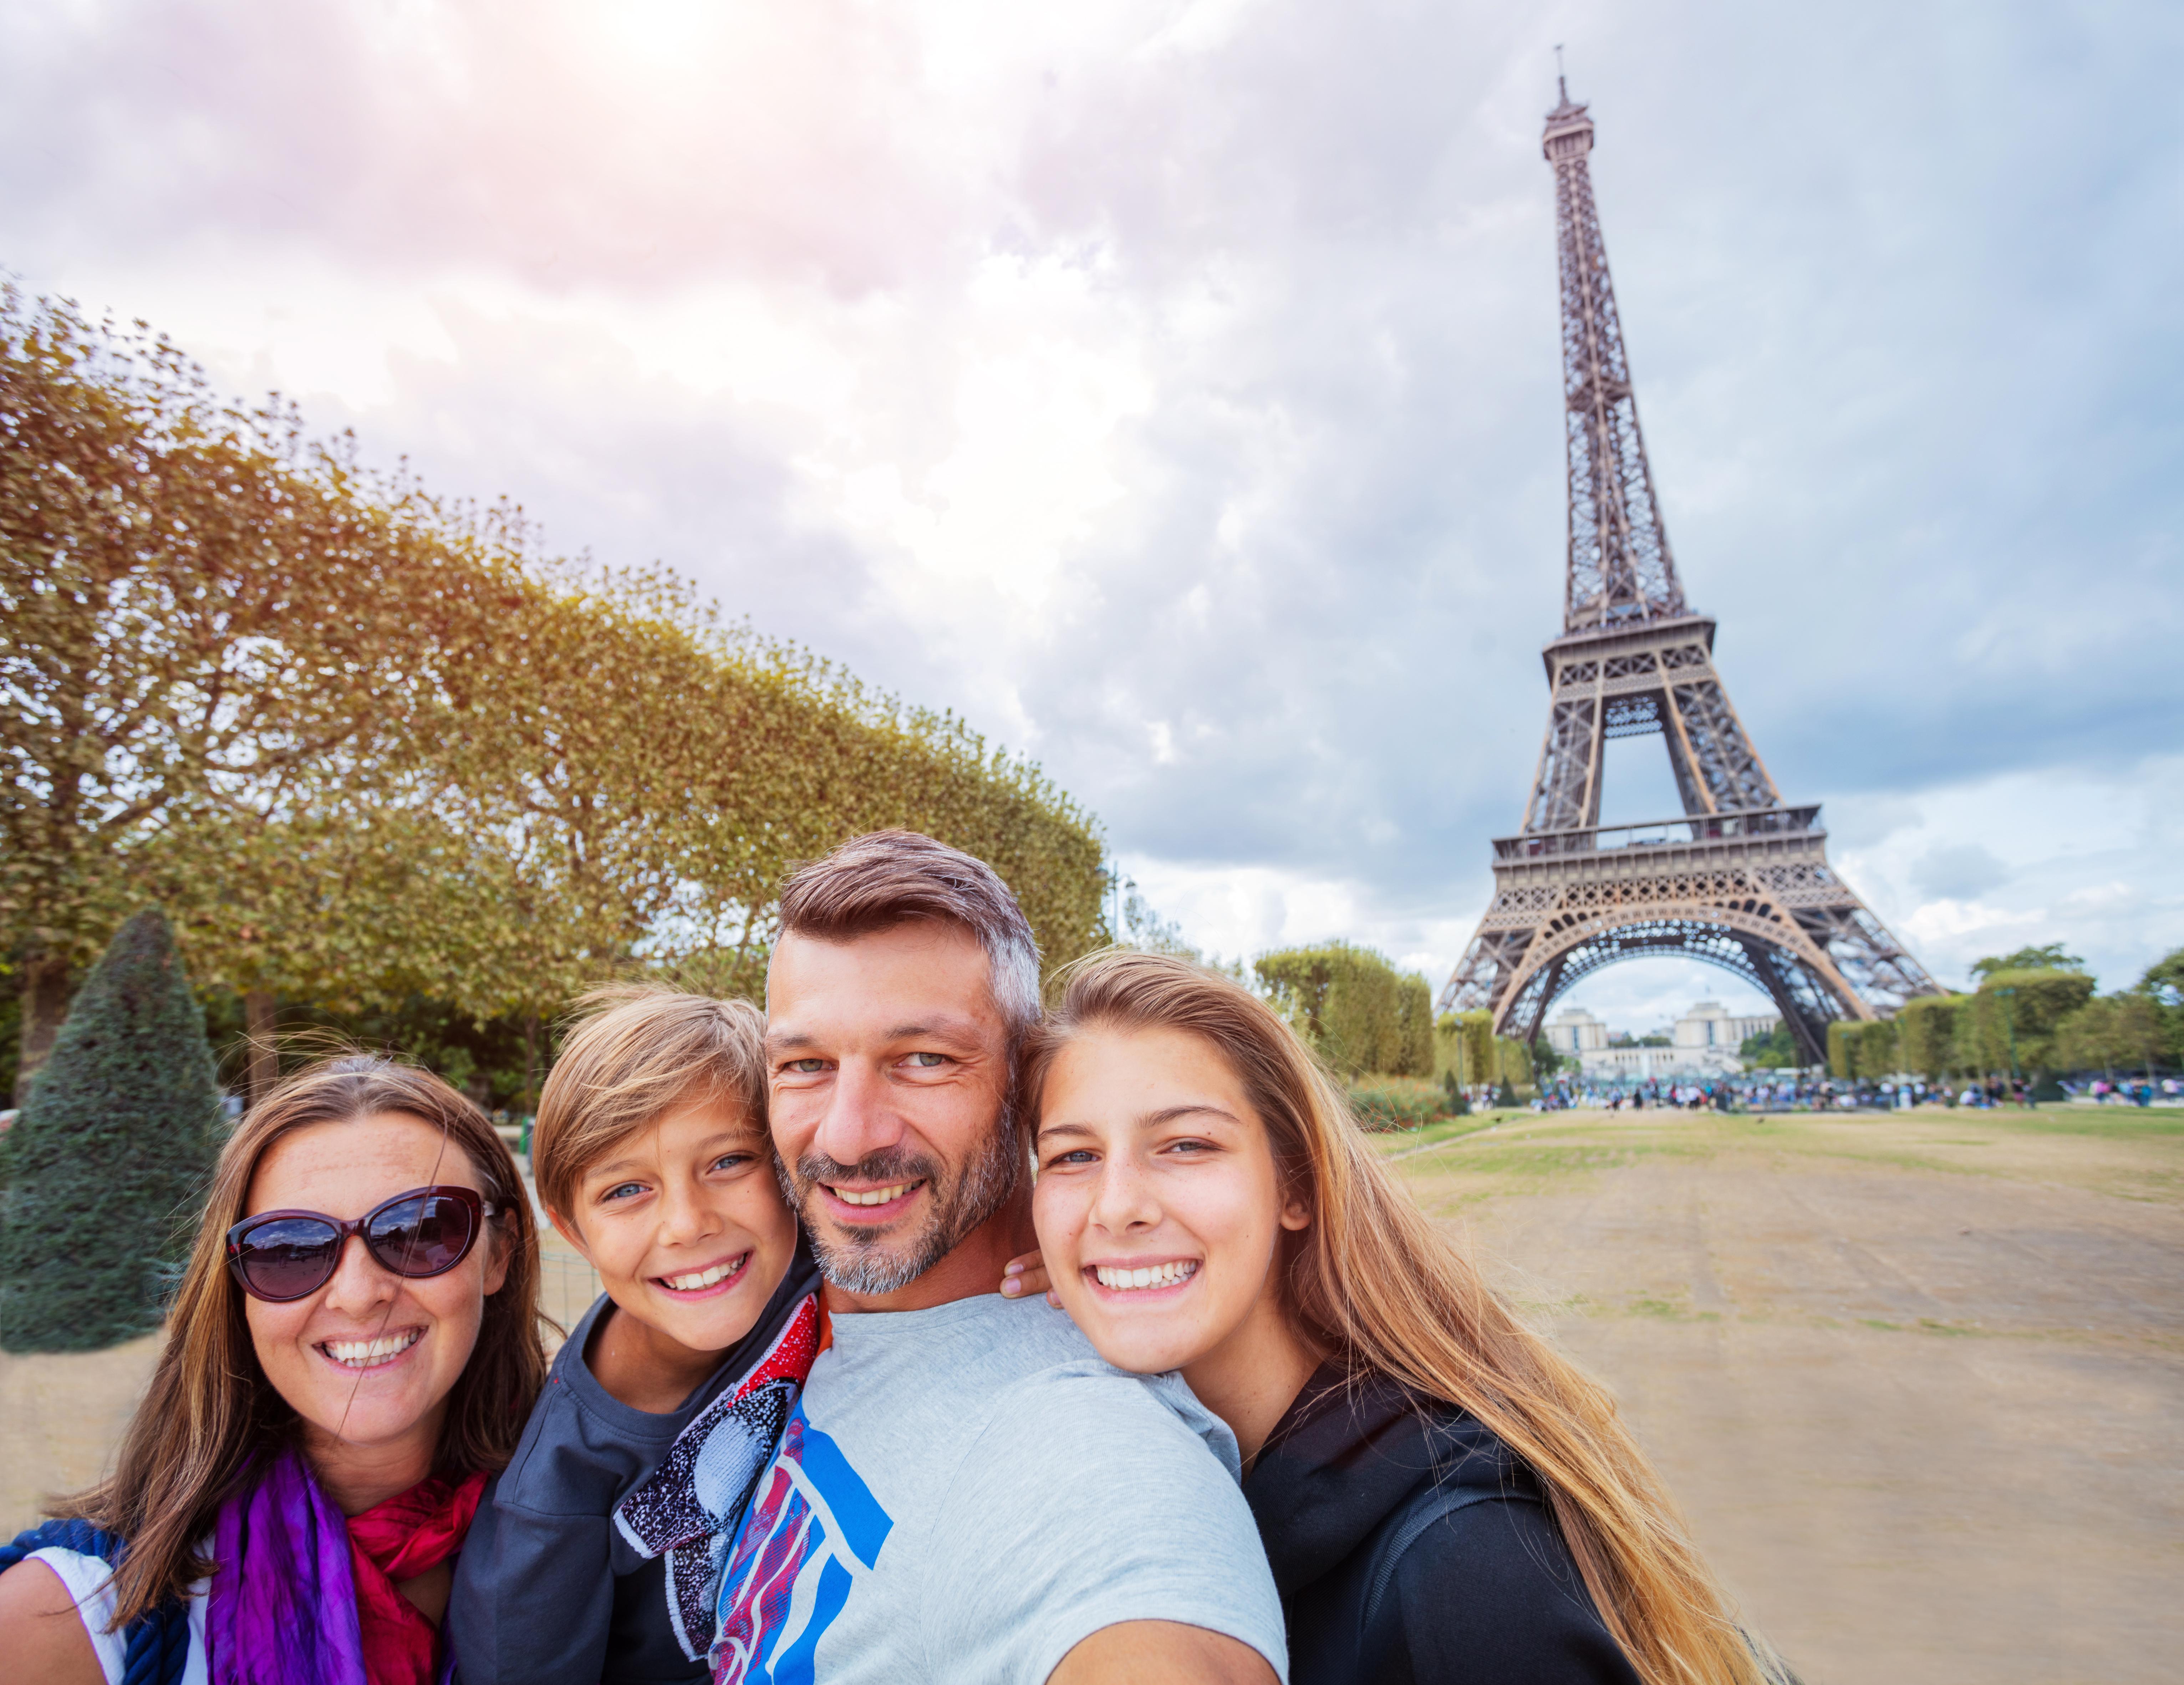 Воссоединение семьи как способ получить ВНЖ и ПМЖ Франции